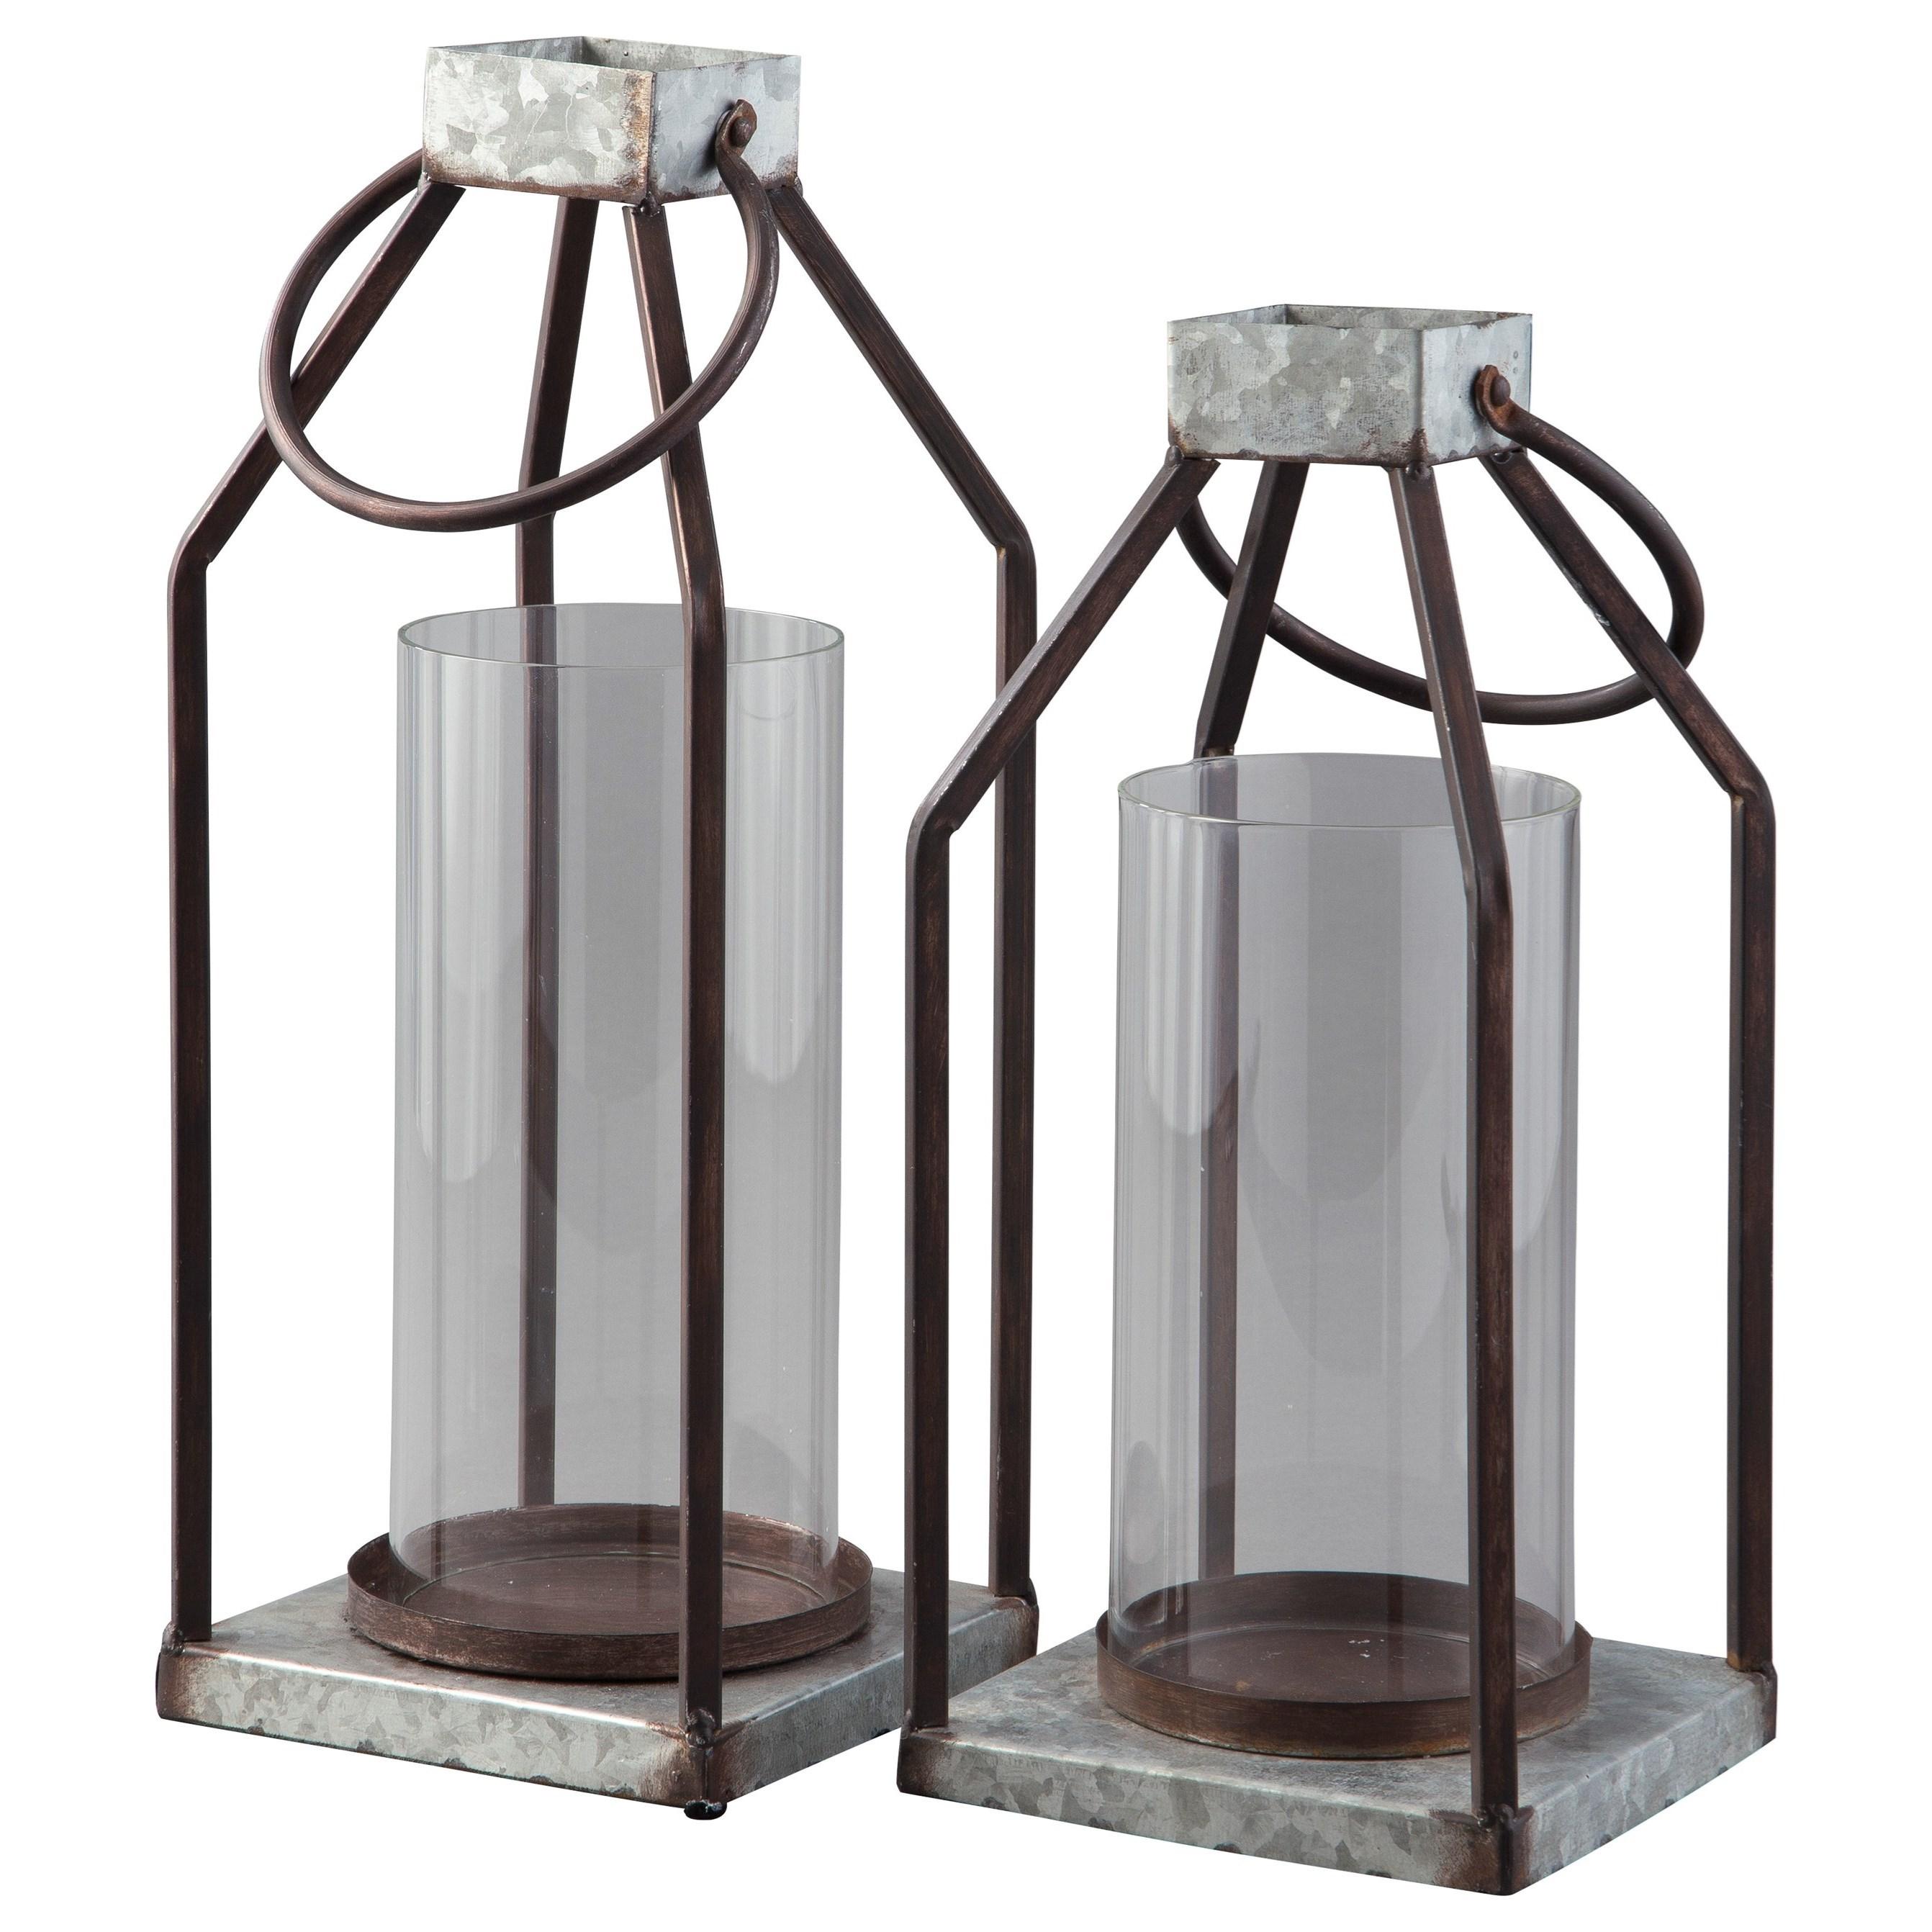 Accents Diedrick Gray/Black Indoor/Outdoor Lantern Set